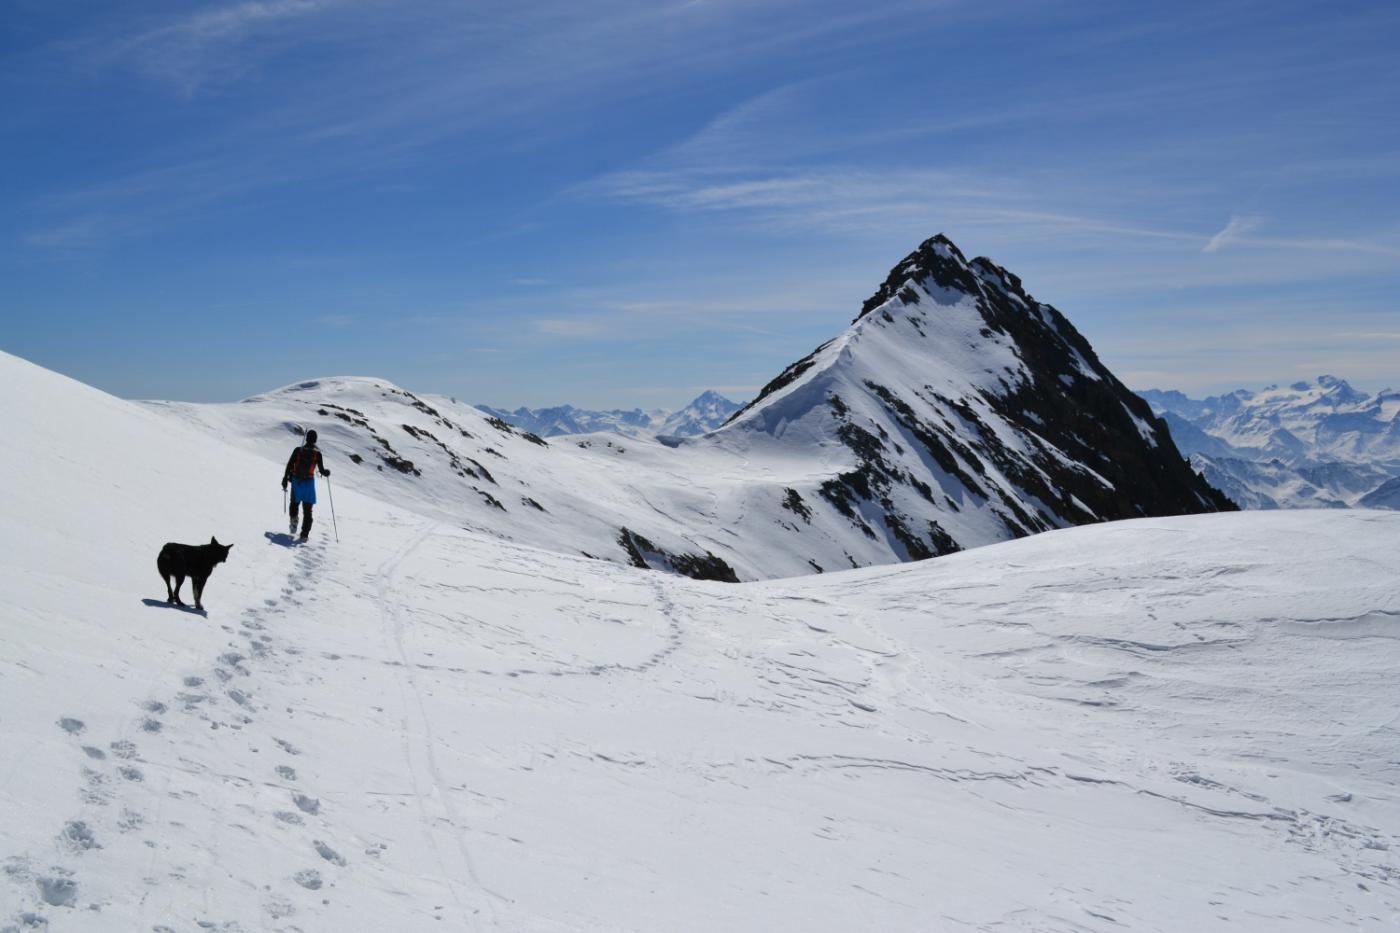 la cresta che collega la cima al Monte Cervo (a destra nella foto)